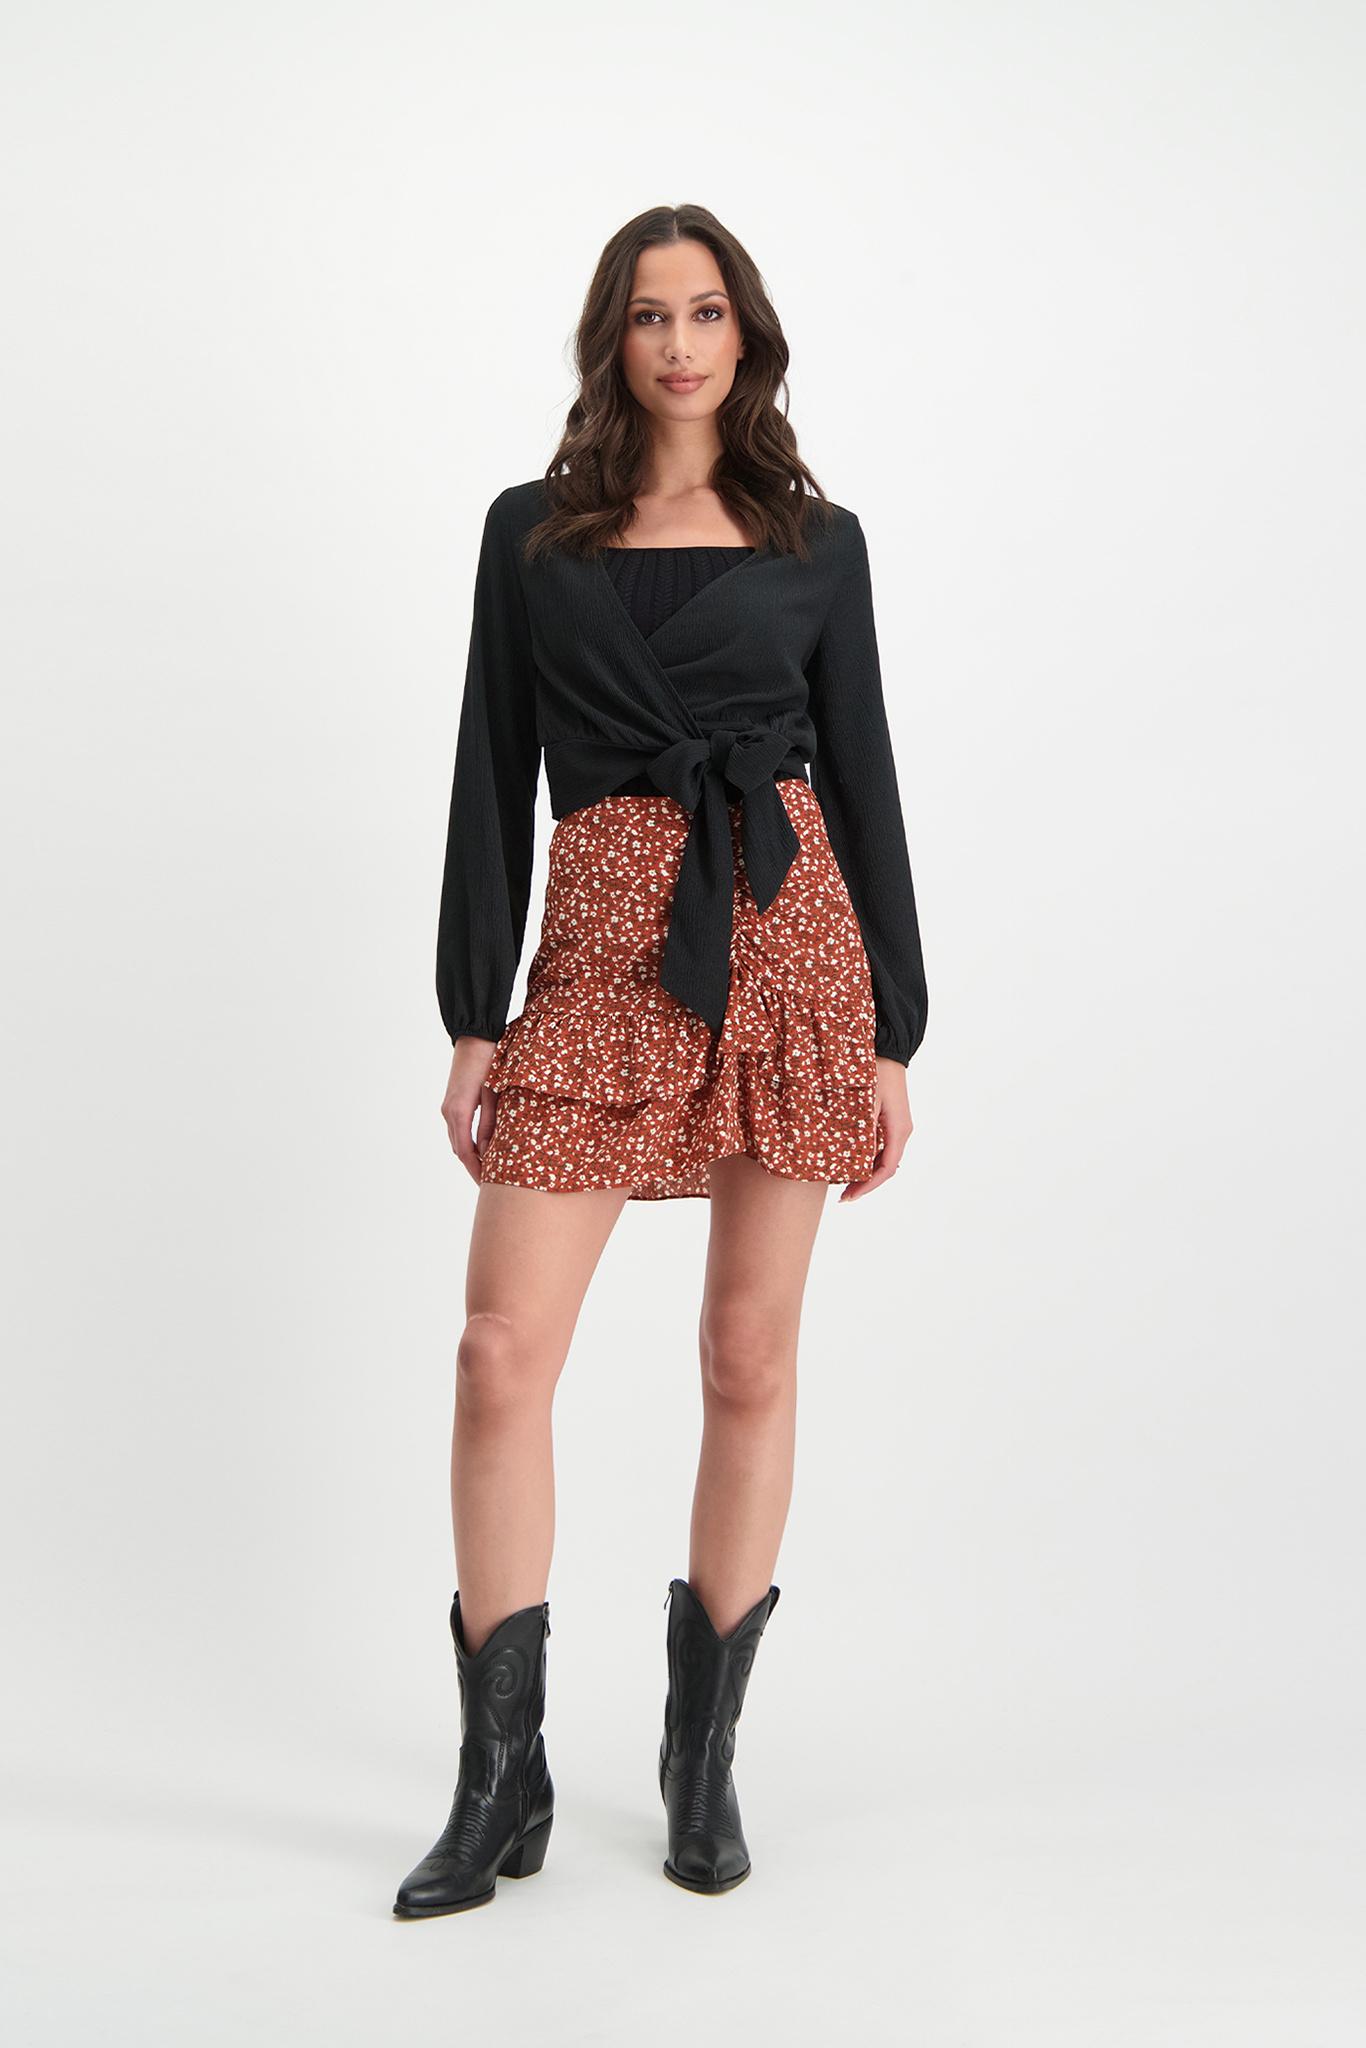 Lofty Manner Black Top Lauren